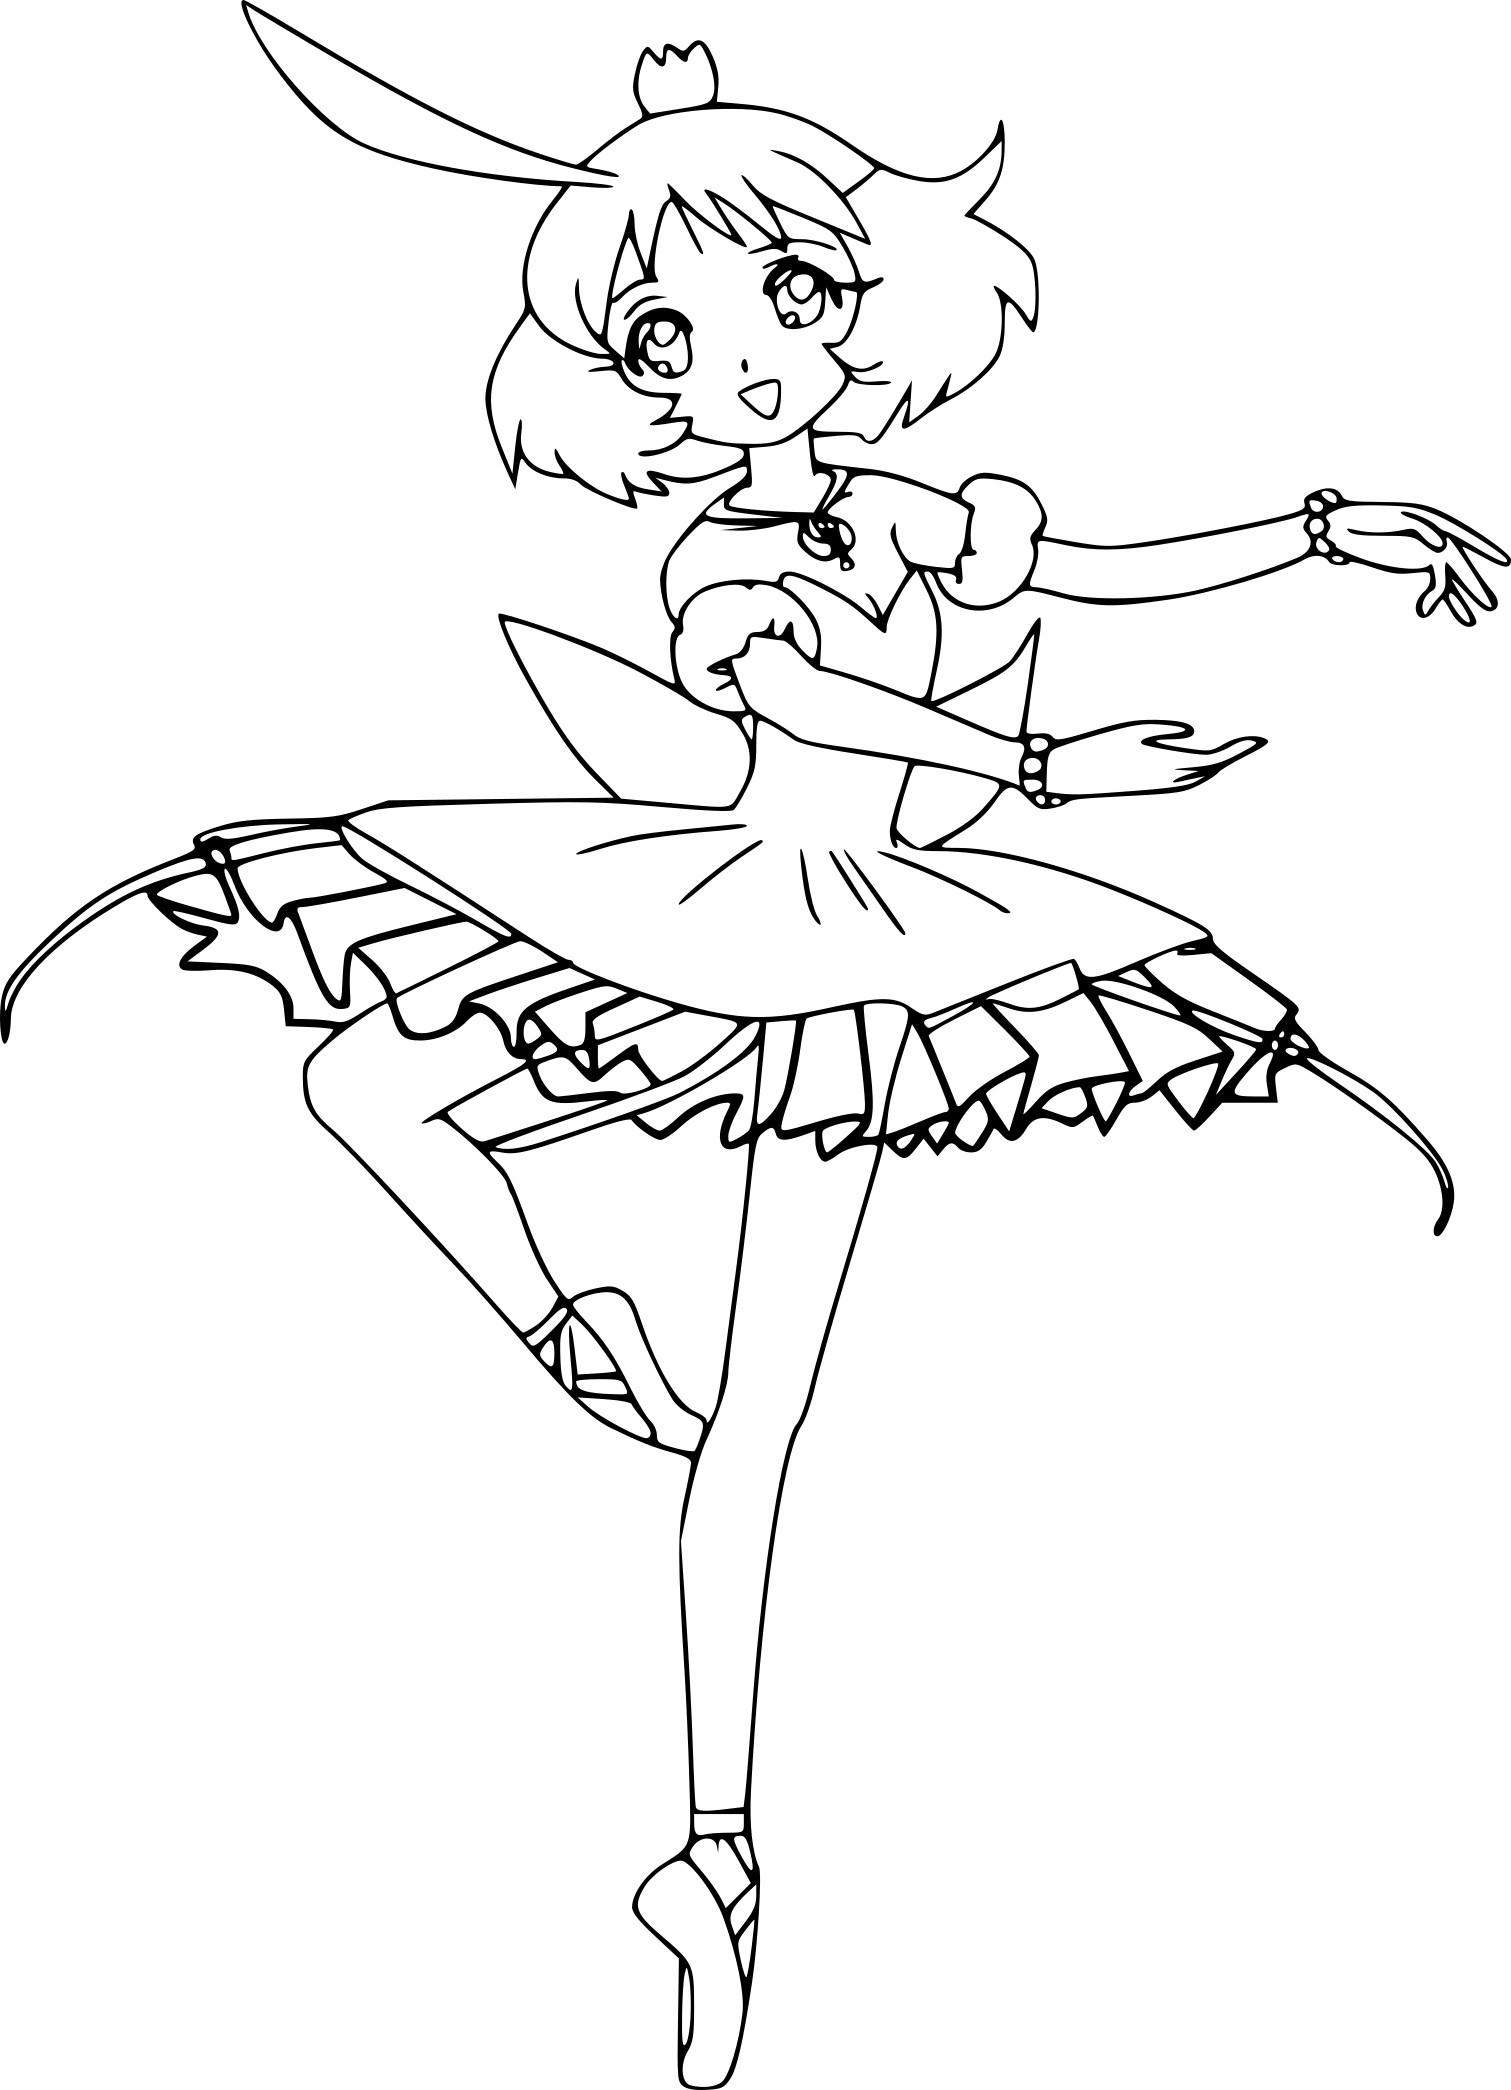 Coloriage Danseuse Tutu À Imprimer Sur Coloriages tout Dessin De Danseuse A Imprimer